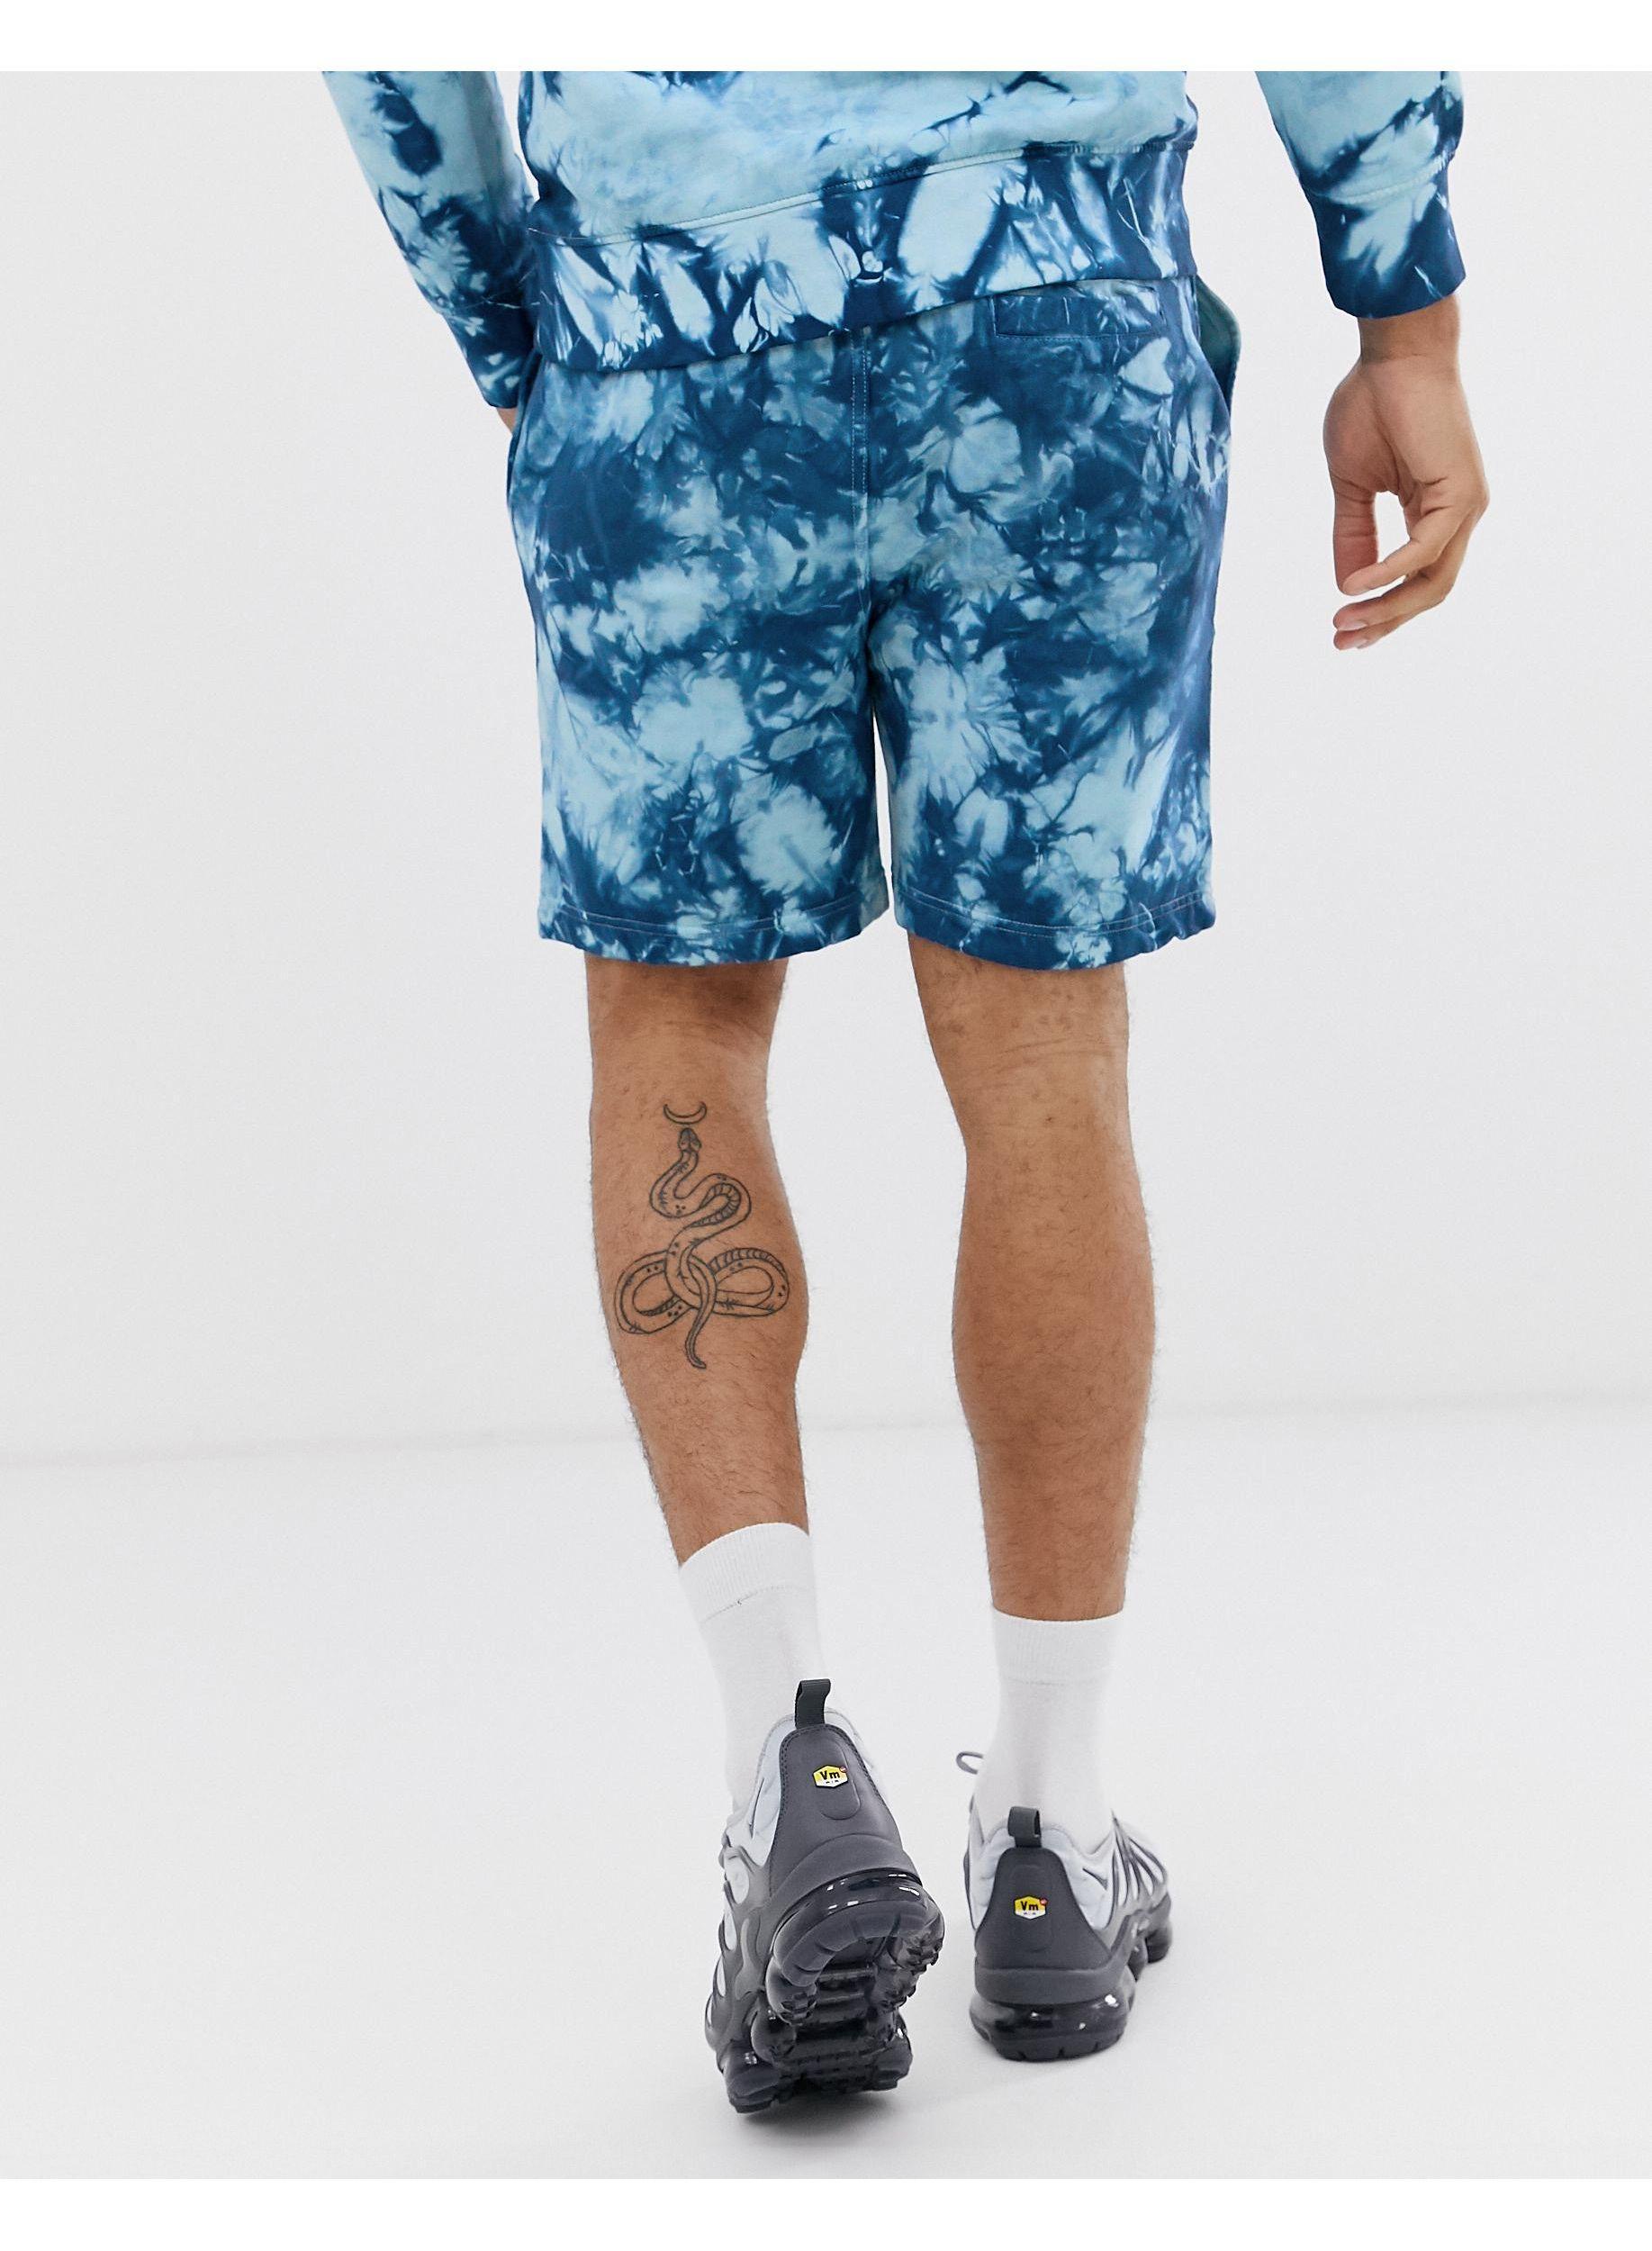 Another Influence Katoen Tie-dye Sweatshorts, Combi-set in het Blauw voor heren